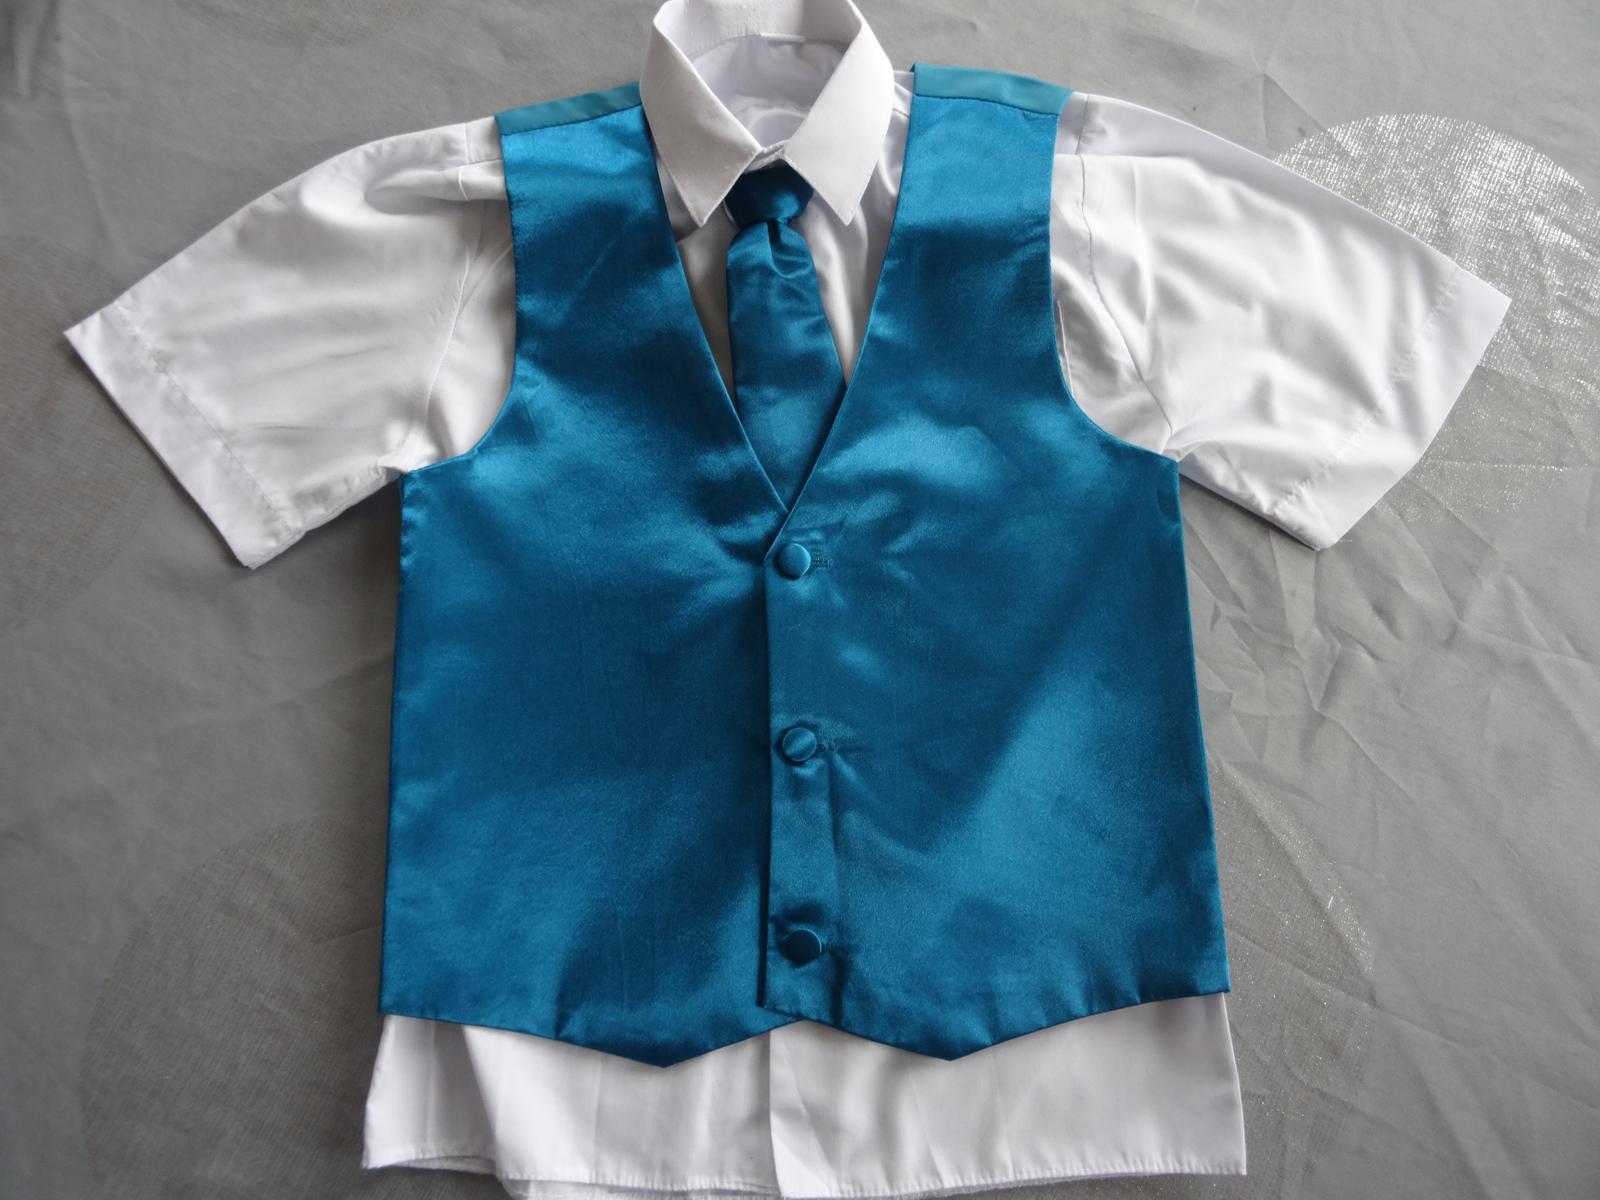 0dcc7d91d9d Tyrkysová chlapecká vesta vč. kravaty+košile bílá